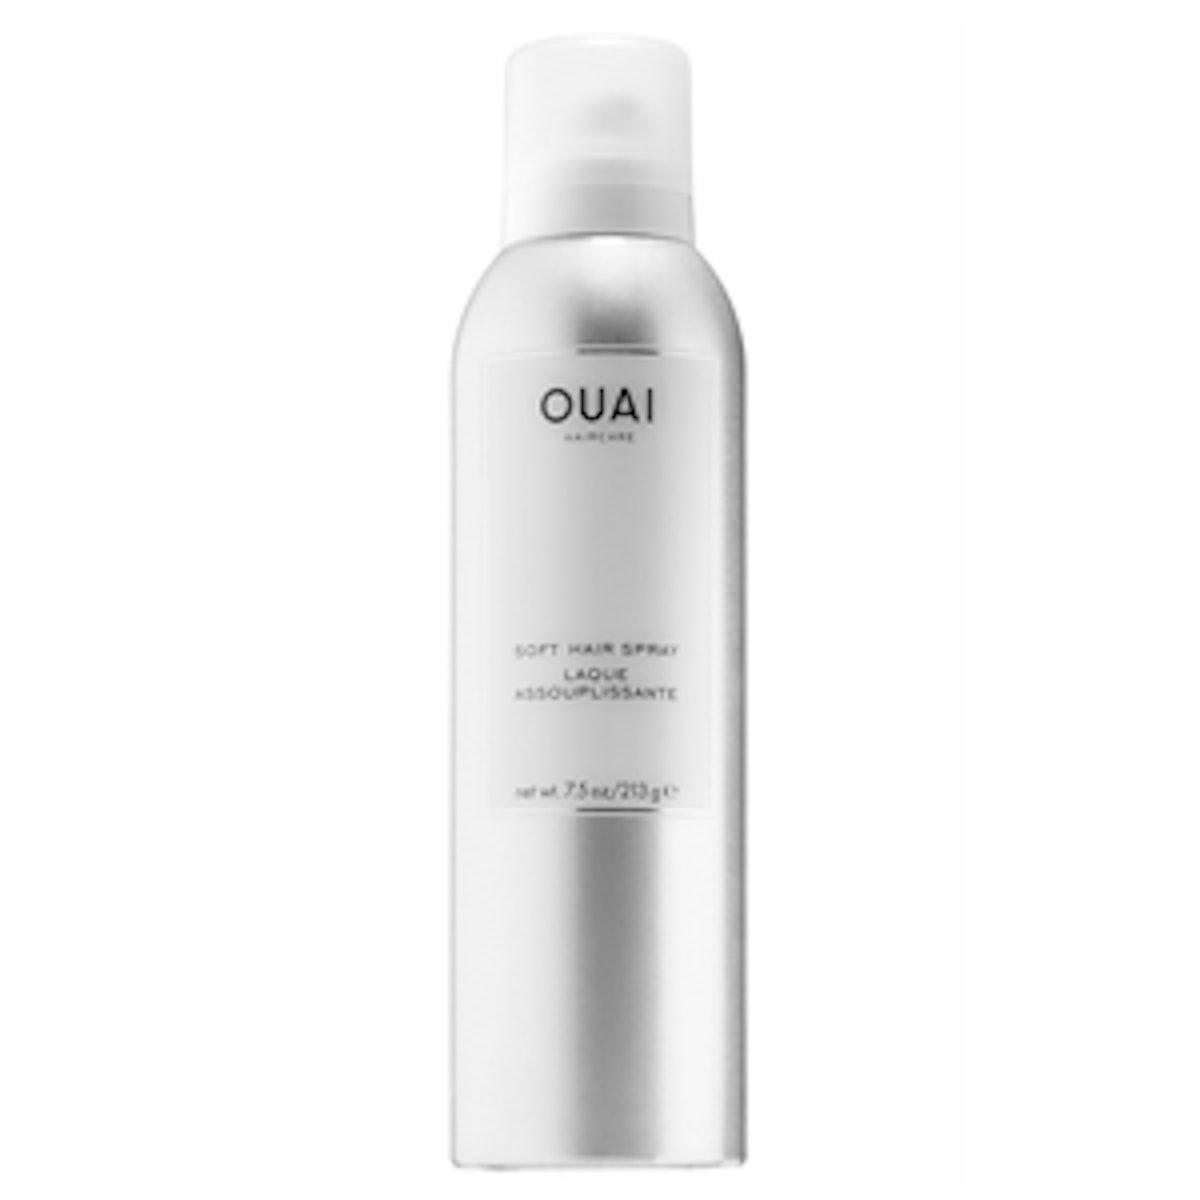 Ouai Haircare Soft Hair Spray